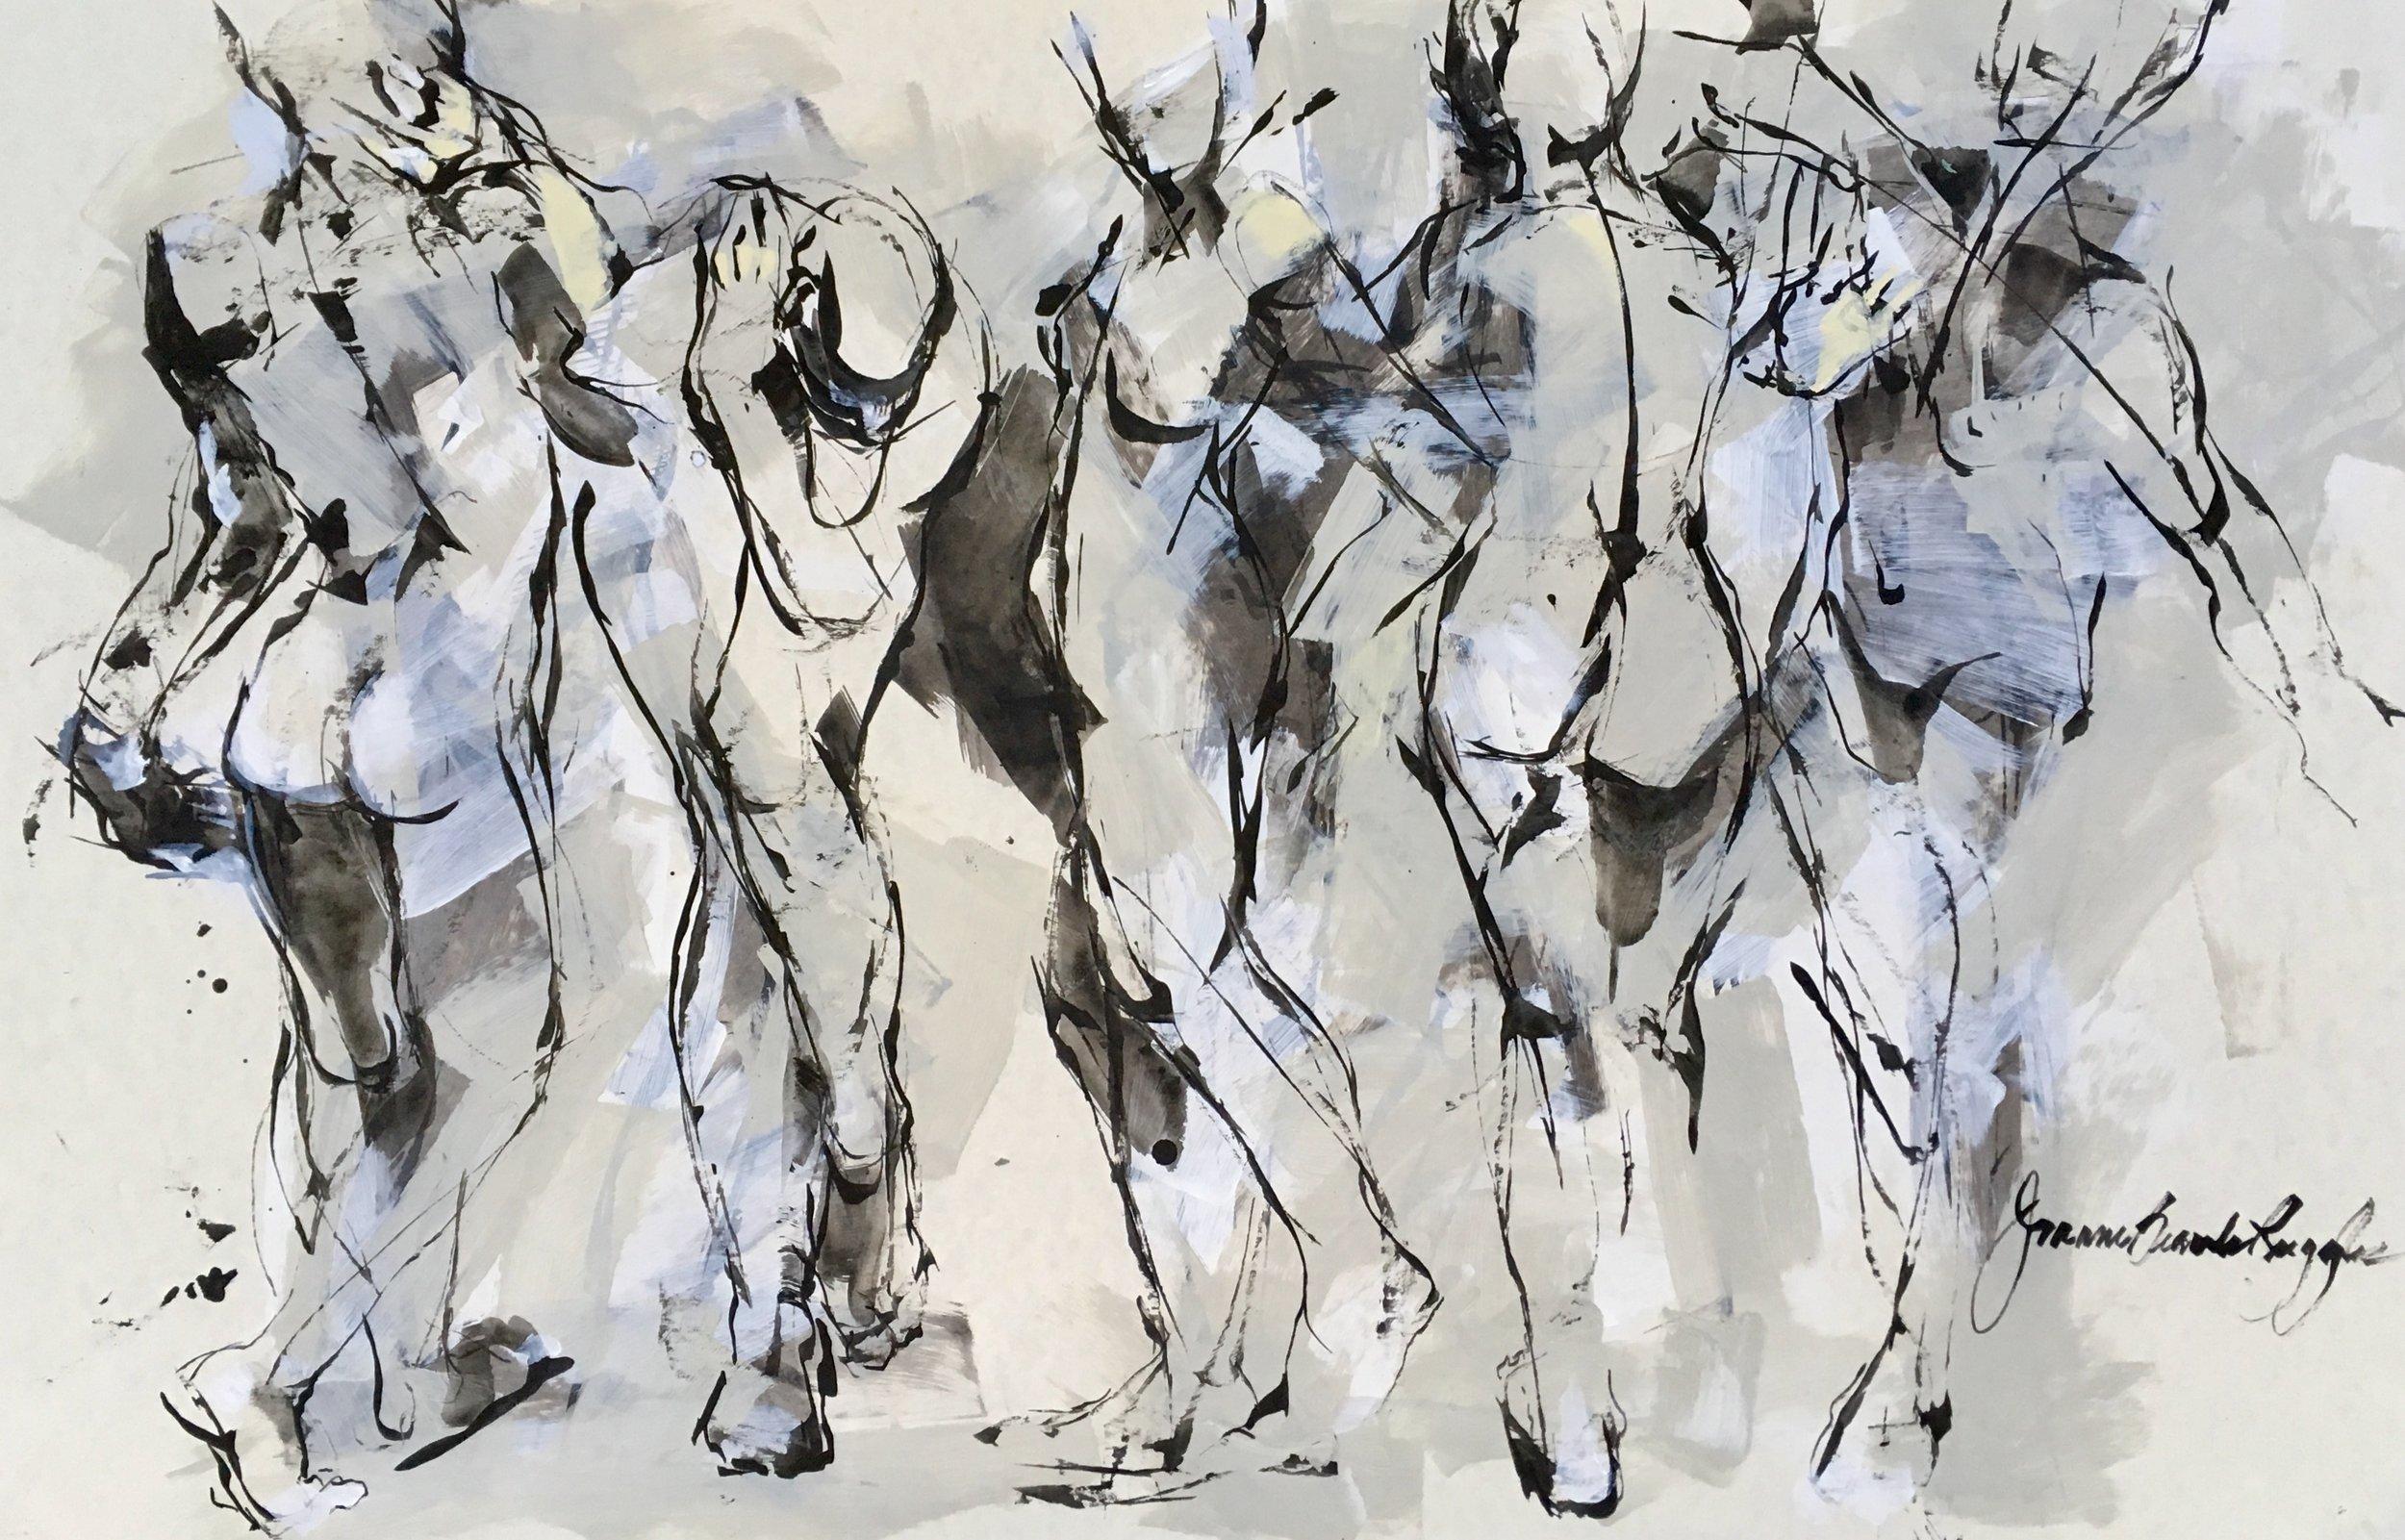 BeauleRuggles_Rehearsal_26x40%22_Acrylic&InkonPaper_$1950.jpg